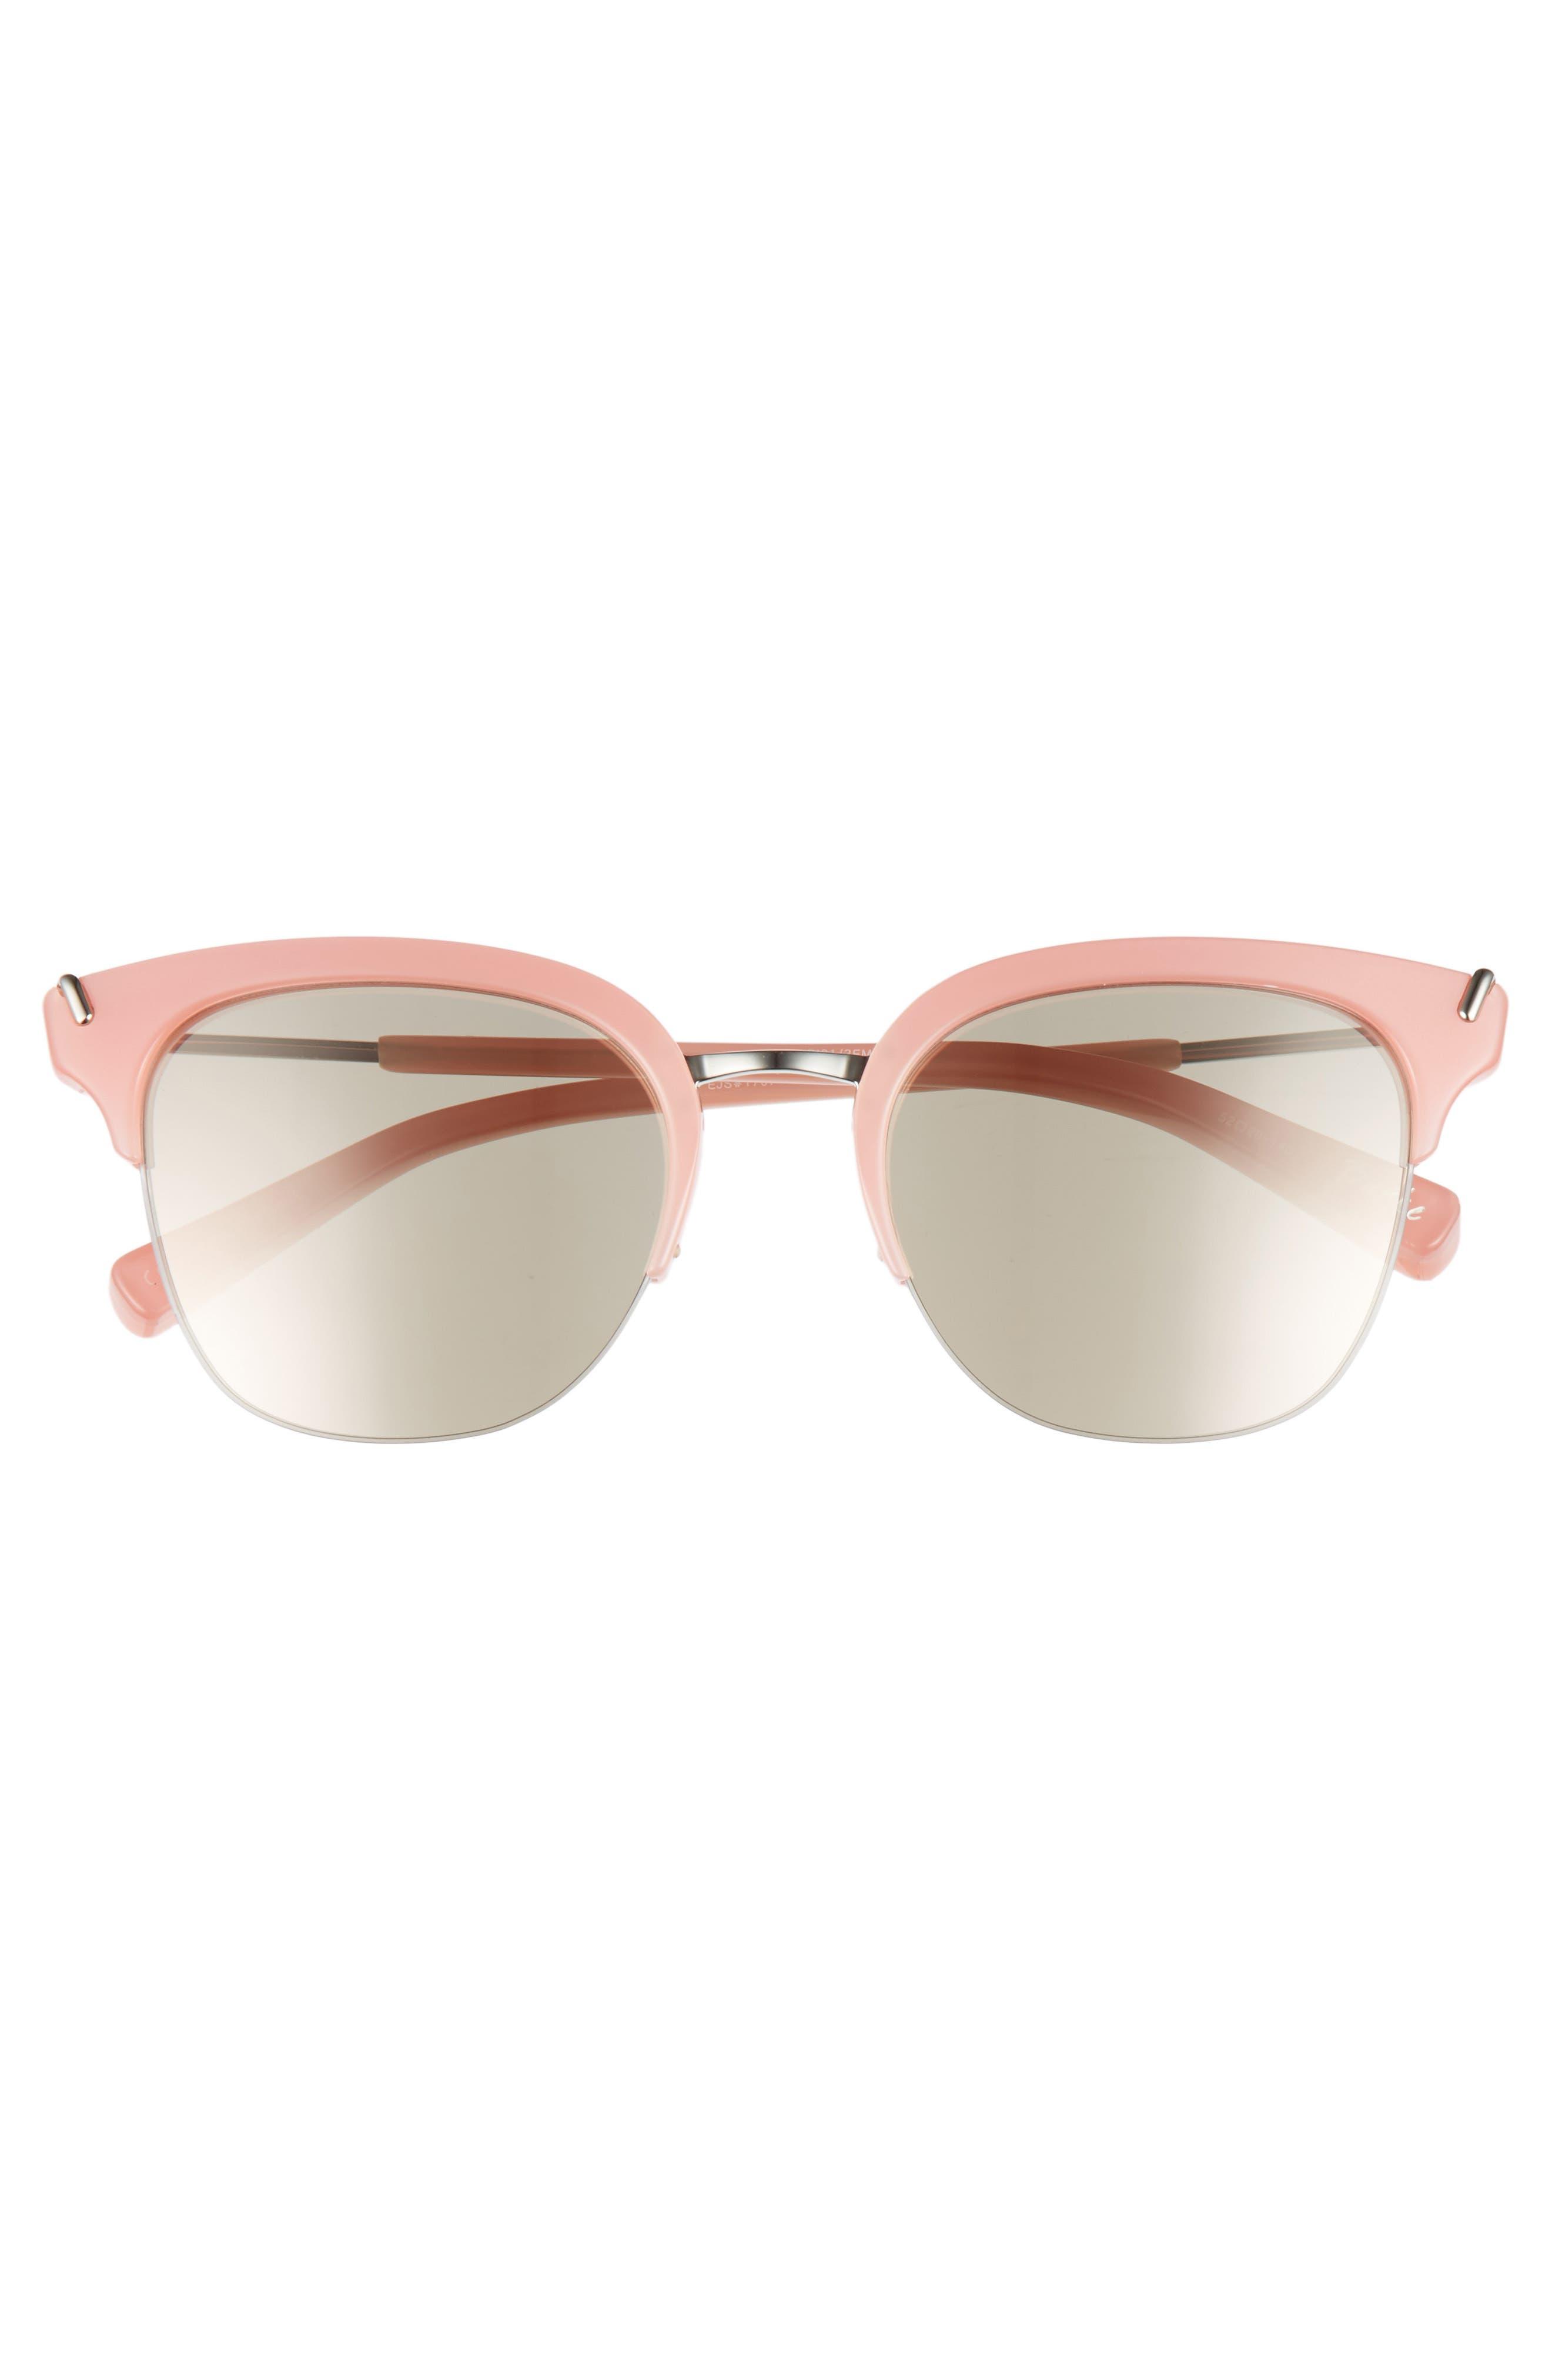 Burke 52mm Horn Rimmed Sunglasses,                             Alternate thumbnail 3, color,                             001